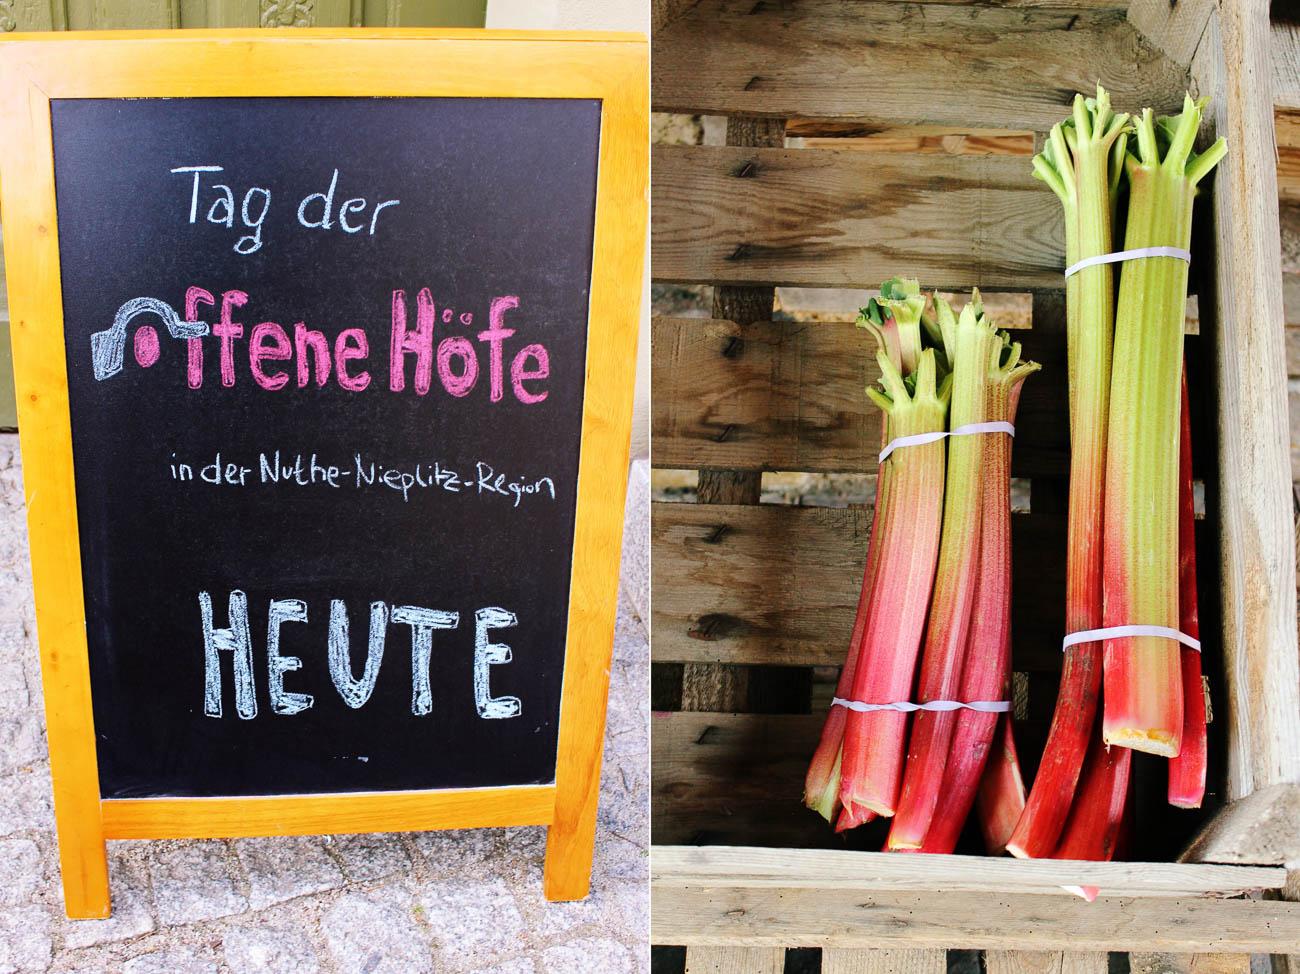 Tag der offenen Höfe in der Nuthe-Nieplitz Region im Fläming in Brandenburg